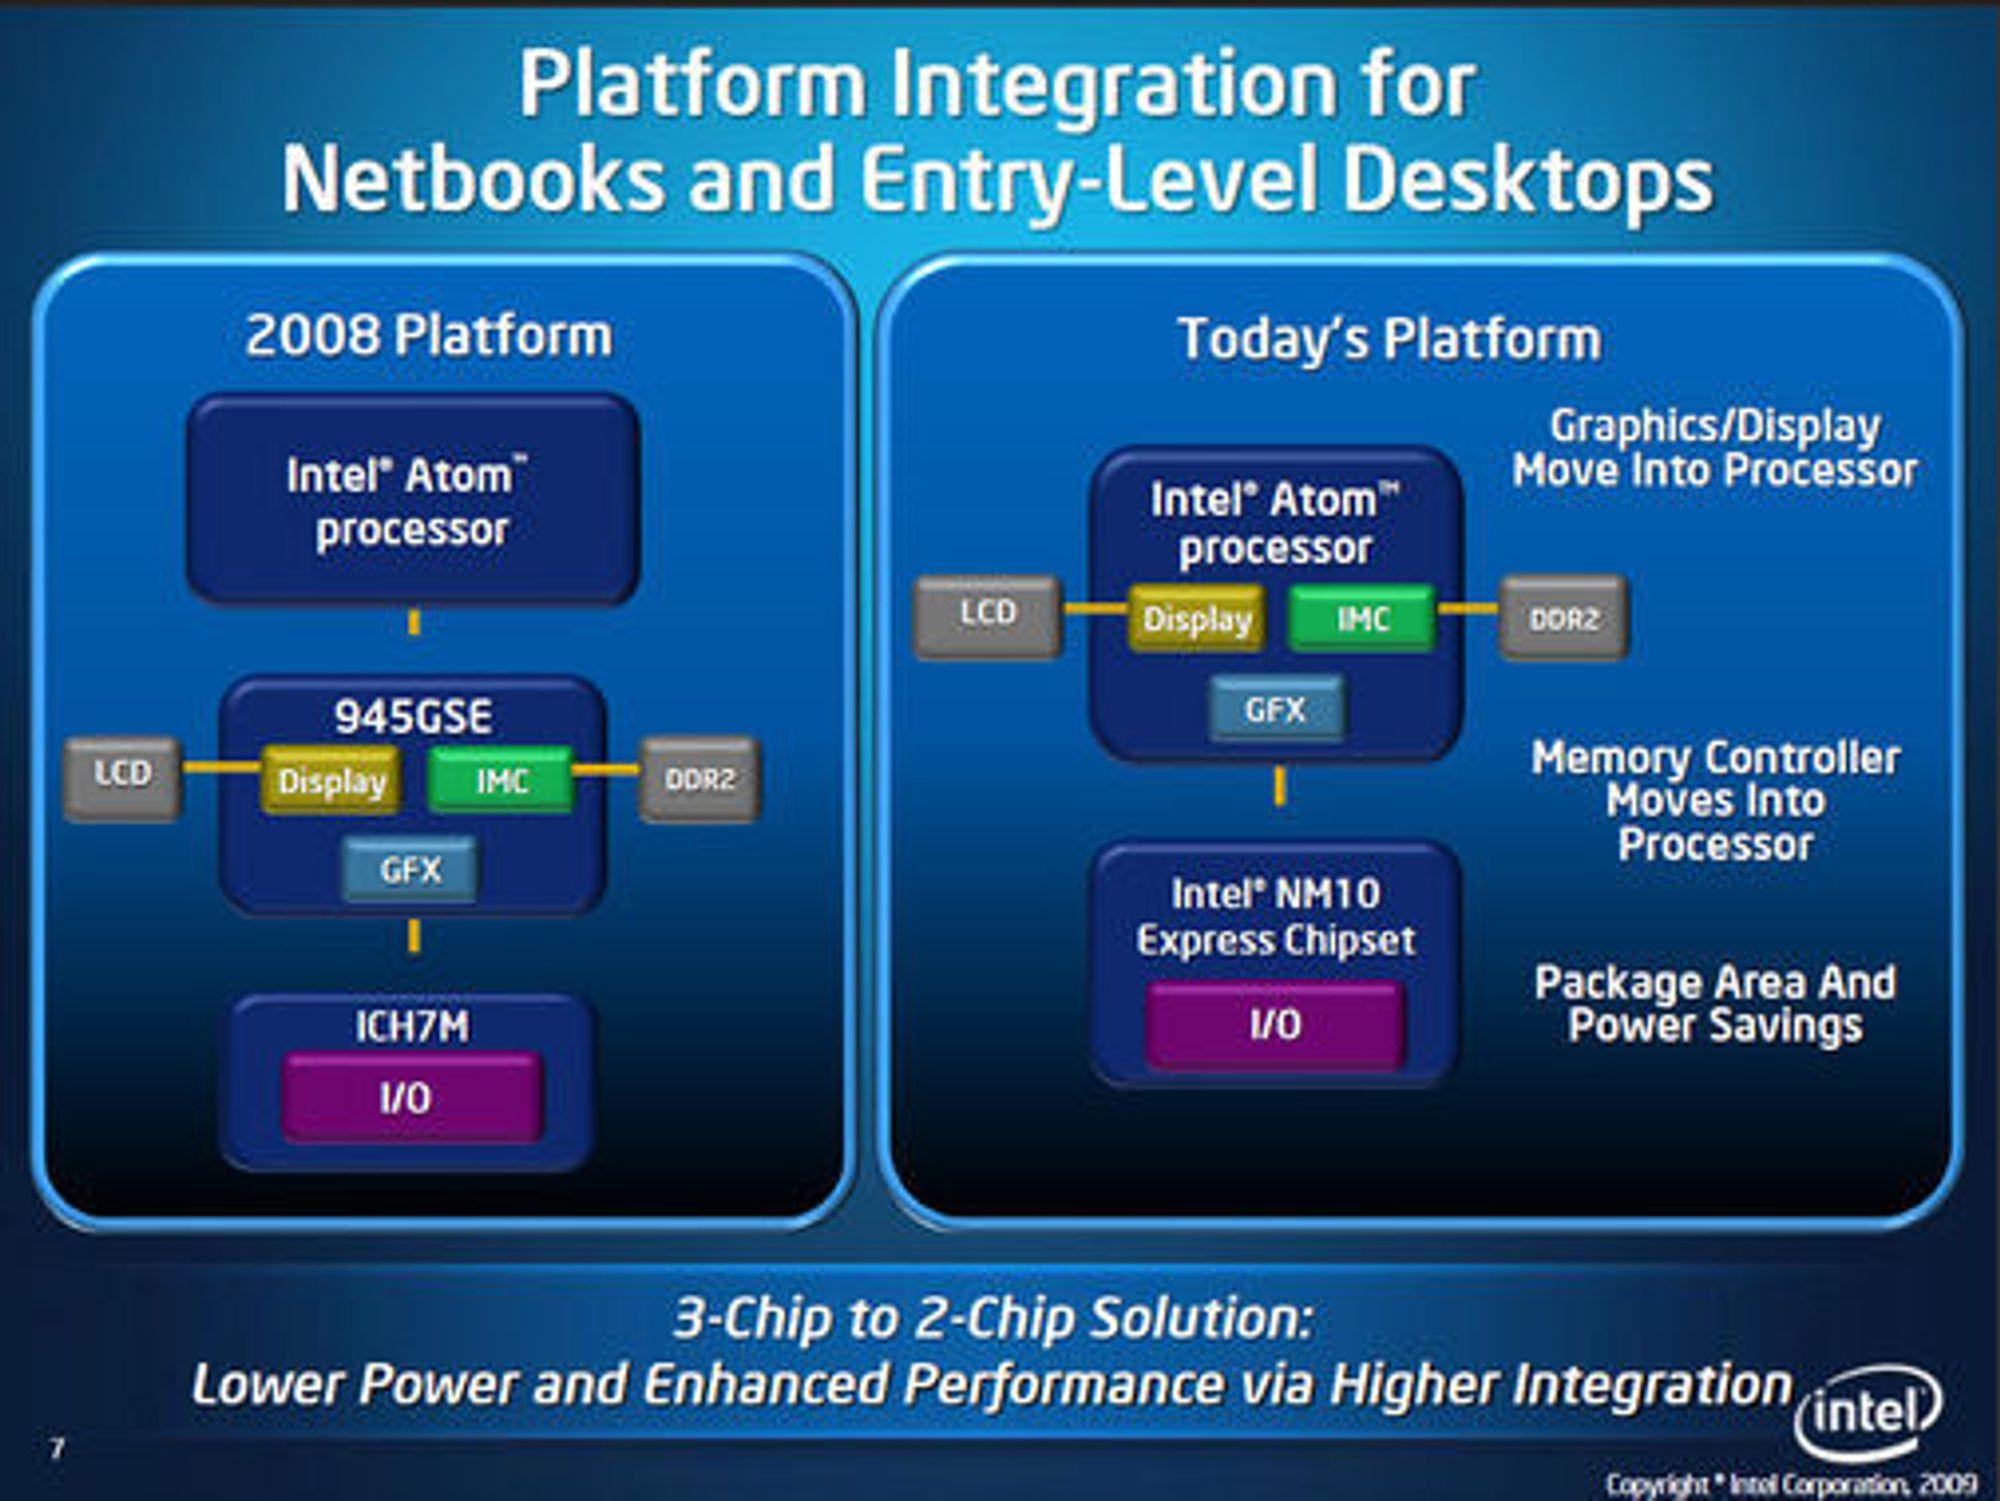 Forskjeller på systemarkitekturen mellom første og andre generasjon av Intels Atom-plattform